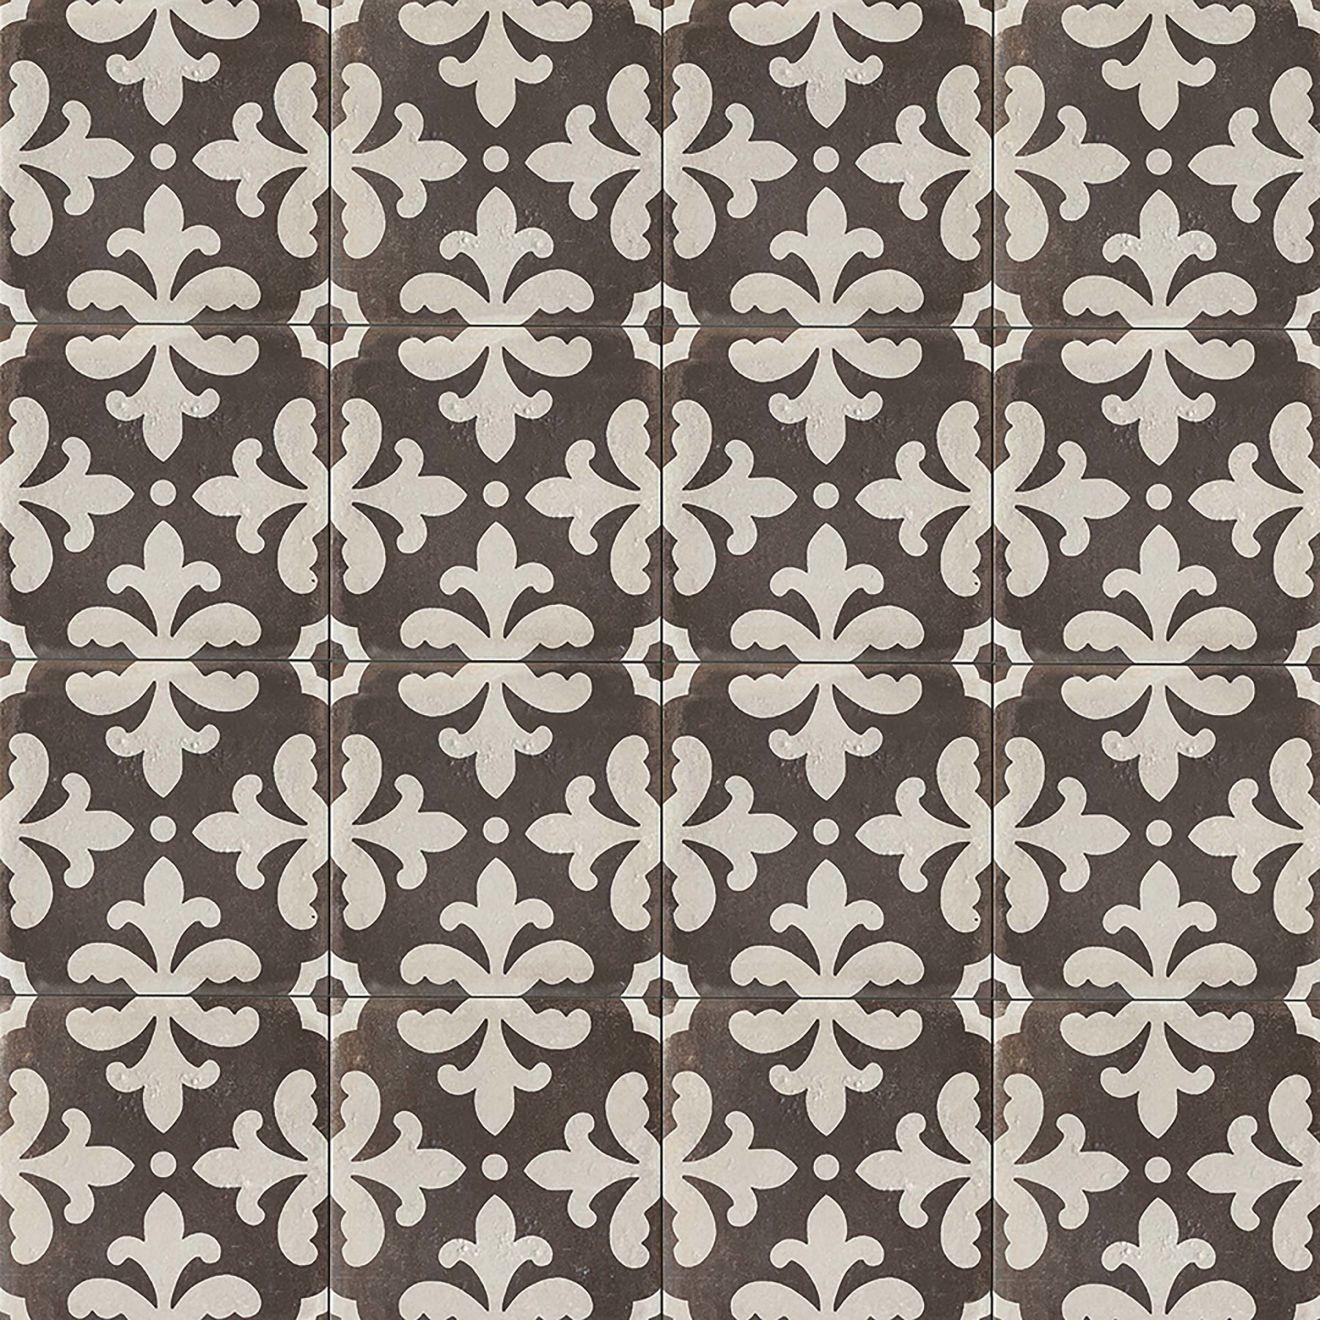 """Palazzo 12"""" x 12"""" Decorative Tile in Castle Graphite Florentina"""